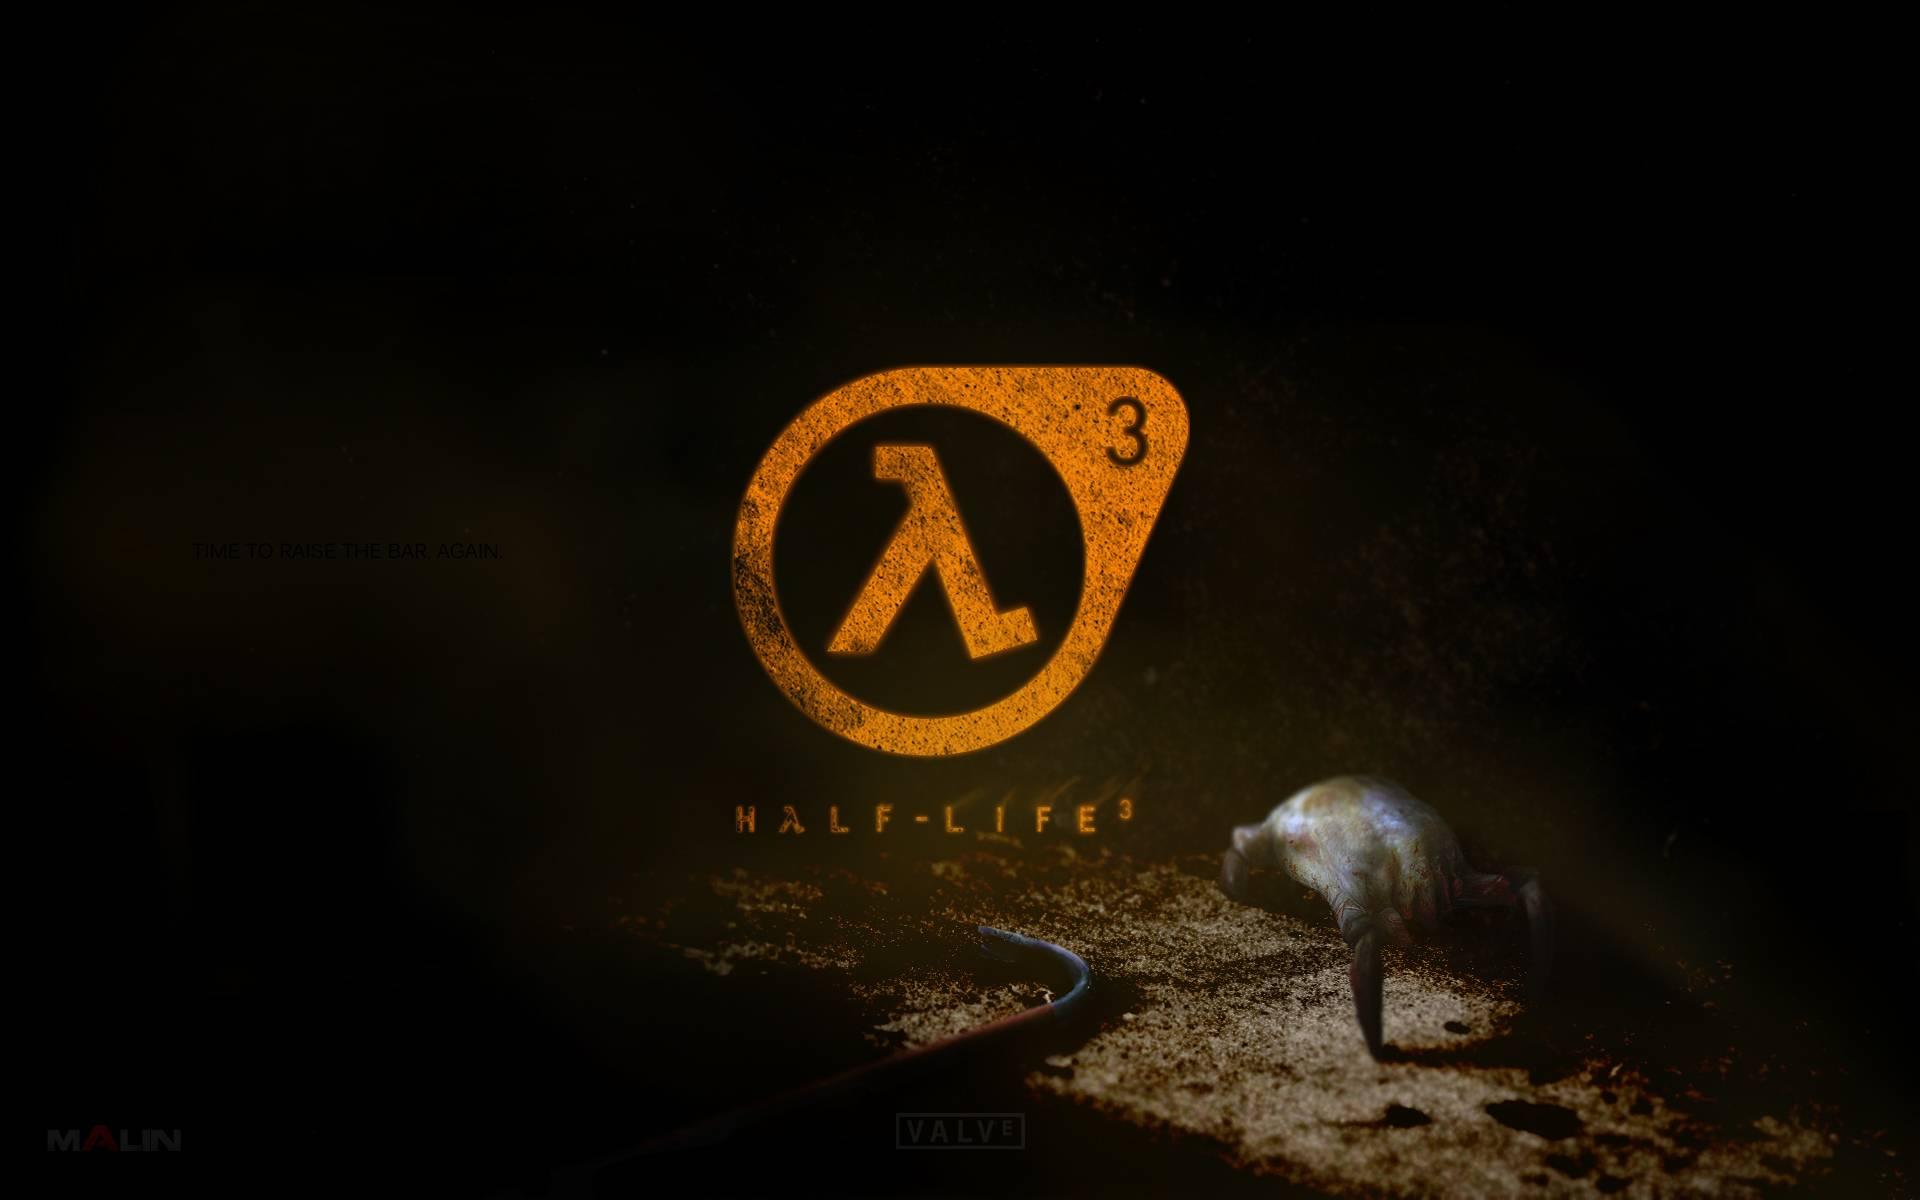 #Gaming_News  Слух: Half-Life 3 выйдет в 2014-м на PC и всех консолях  Спустя долгие шесть лет, возможно ожидание Ha ... - Изображение 1